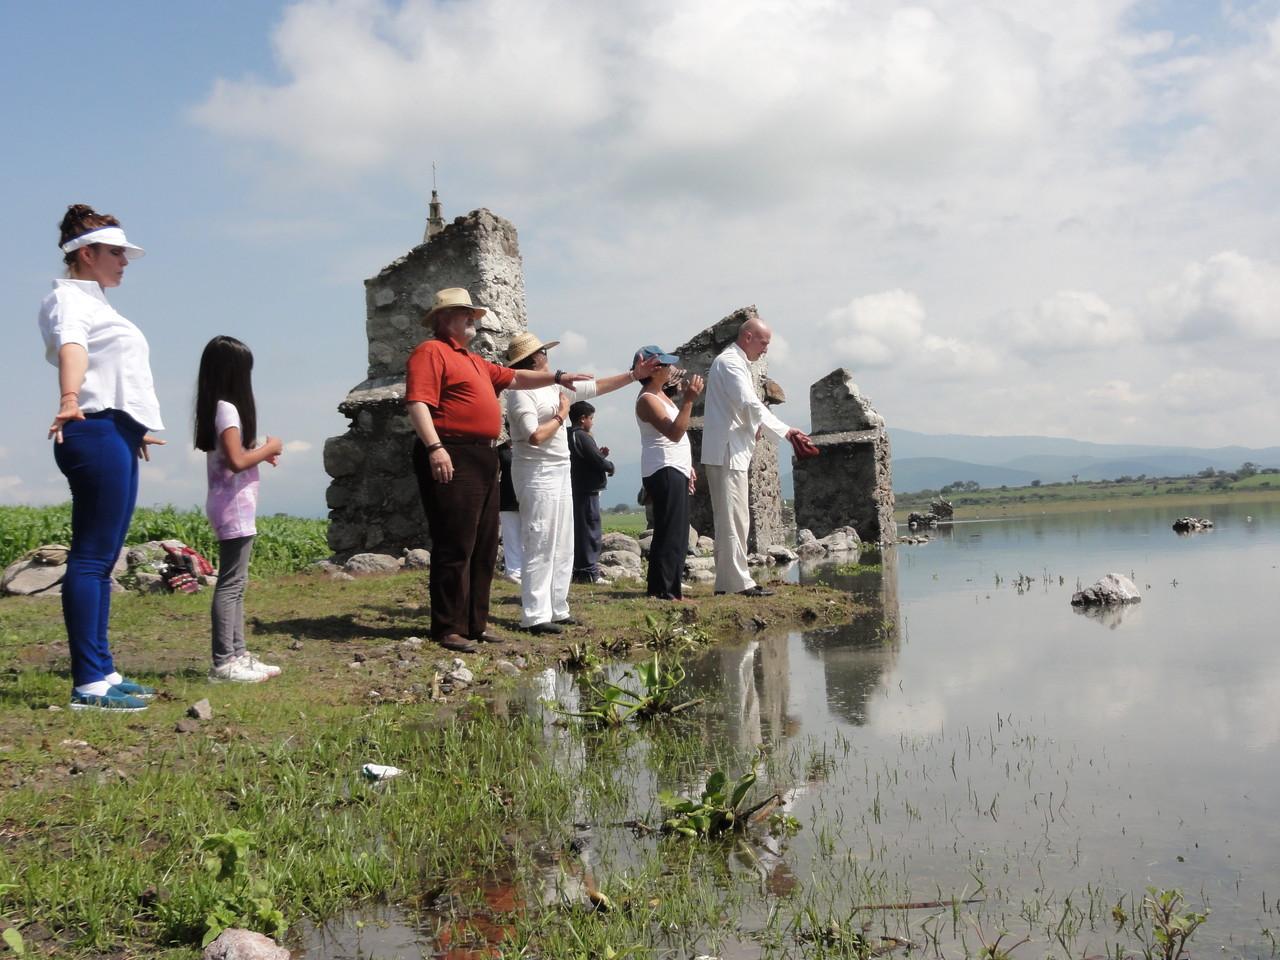 bajo esta presa Solis están las piramides ovales de la famosa cultura Chupícuaro de ante Christo